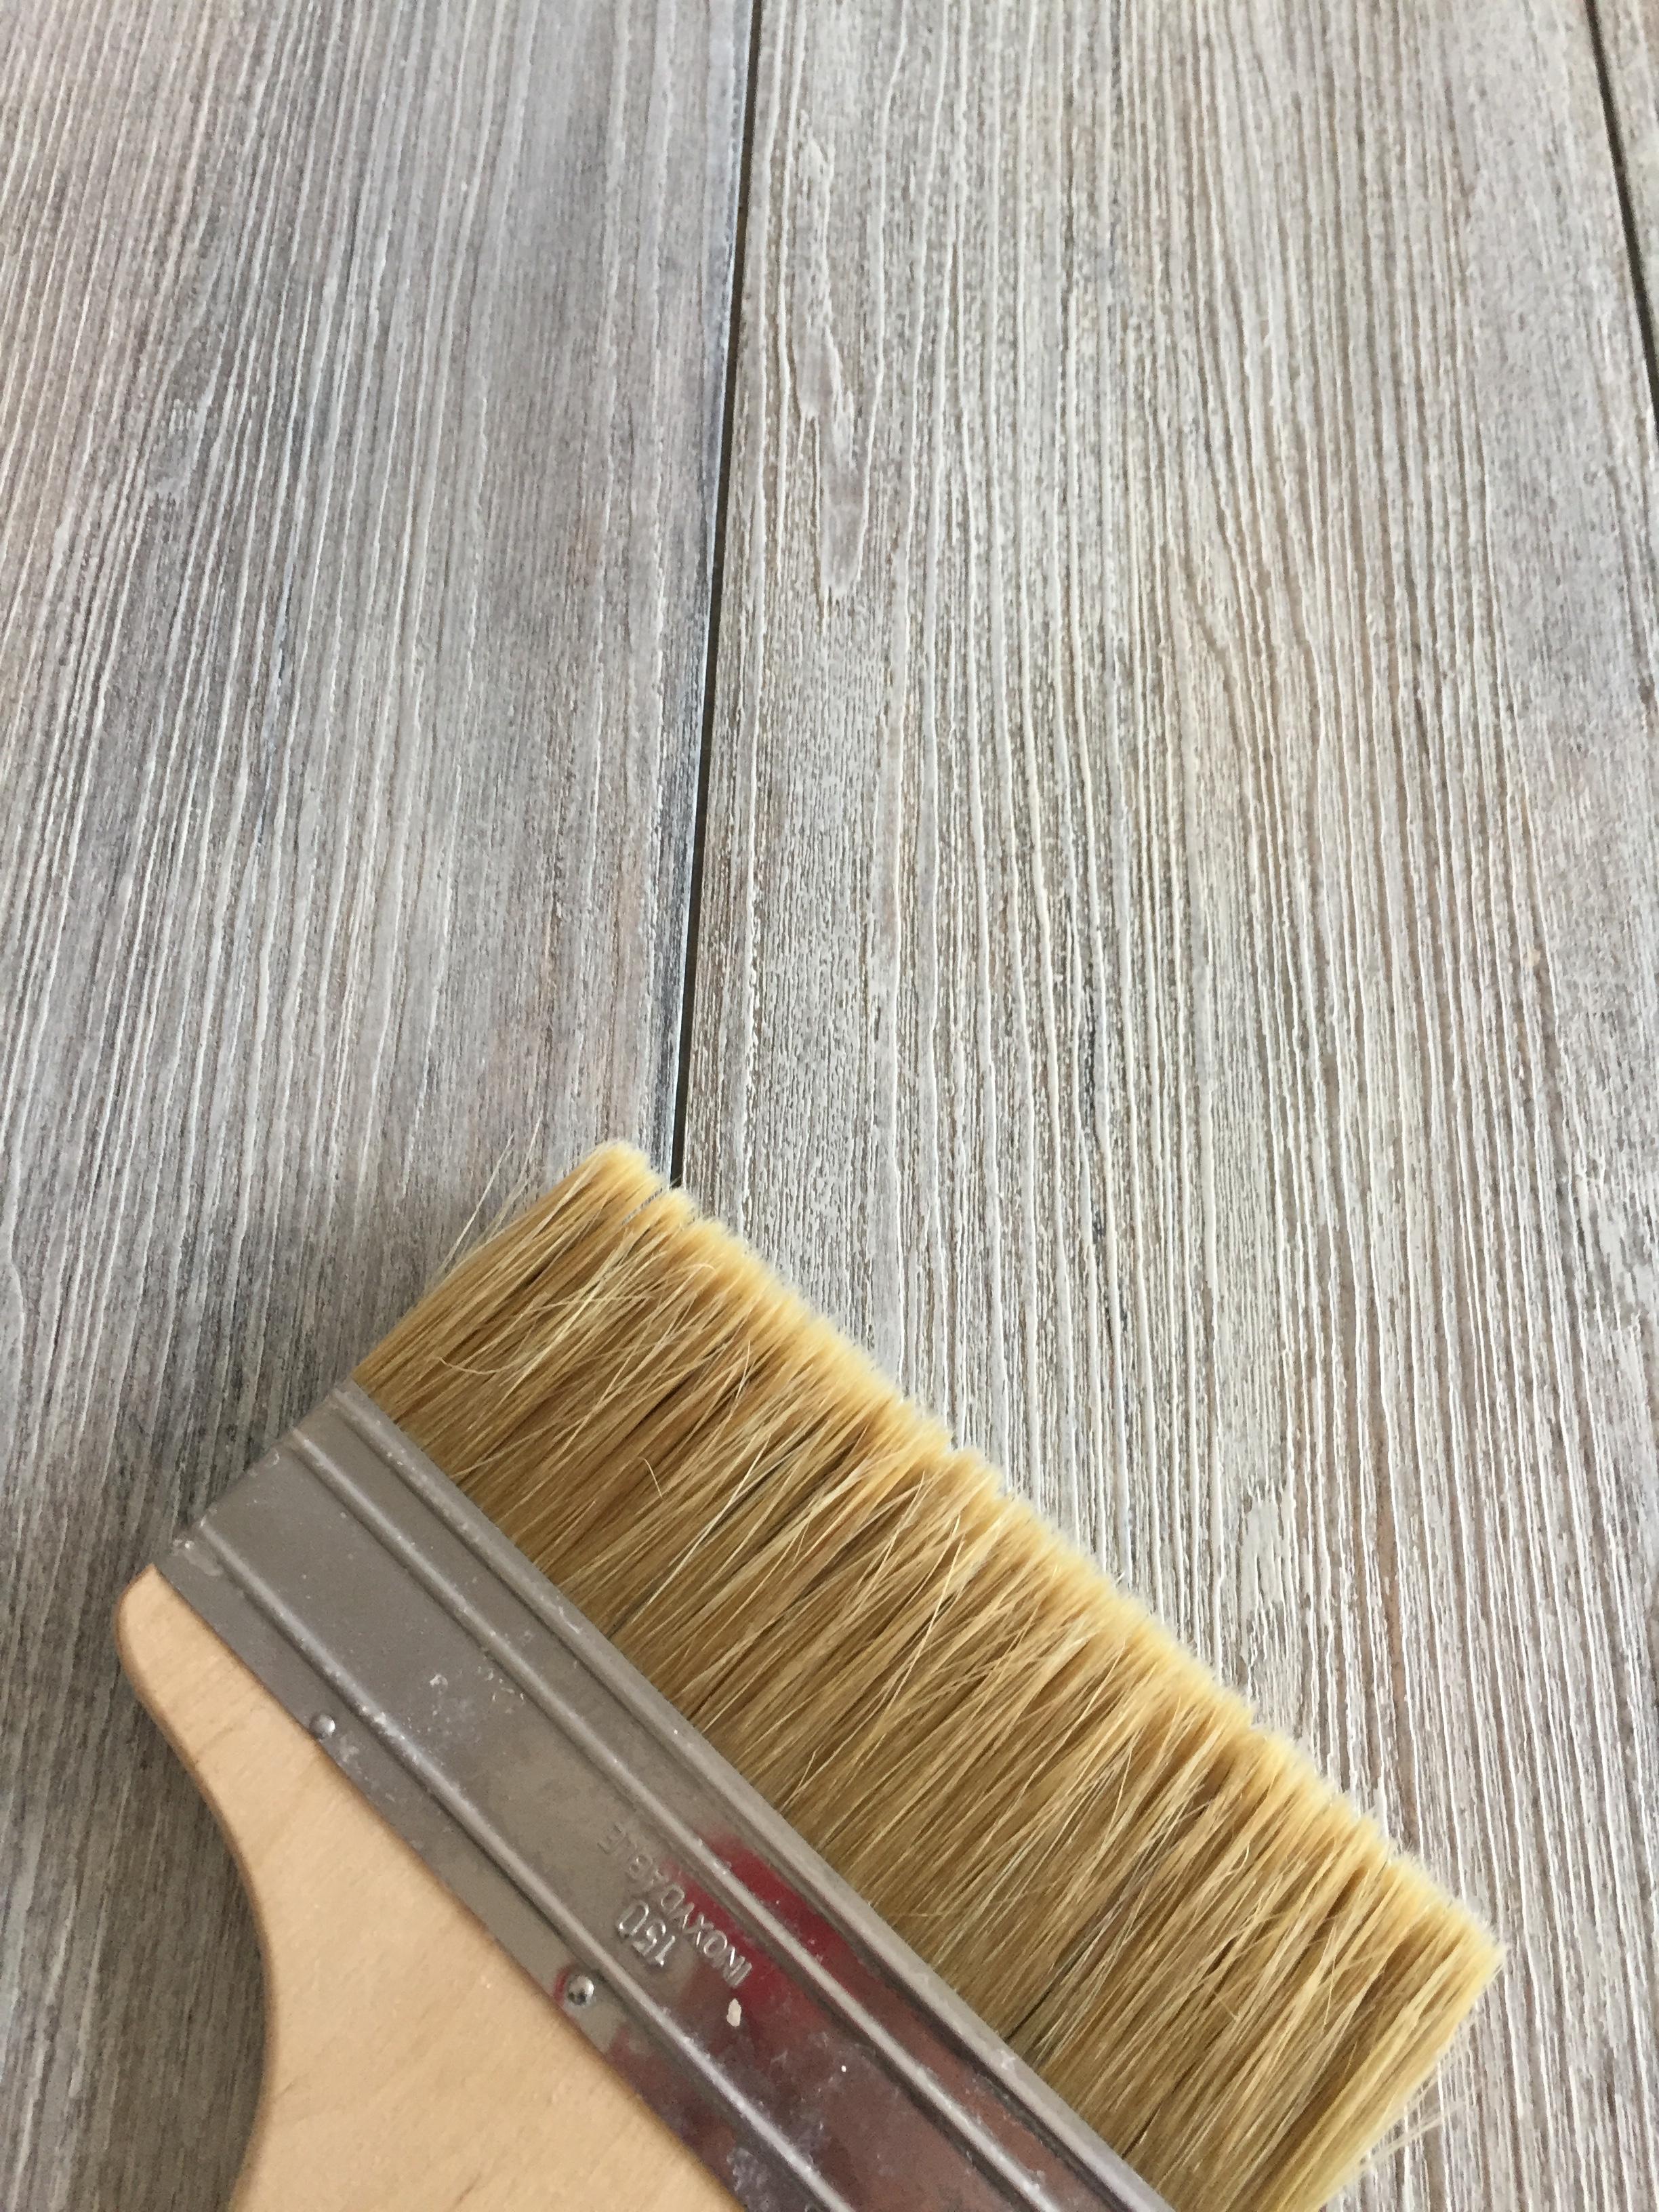 Peinture Bois Gris Patiné claire dognin, peinture décorative: patine façon bois décoloré